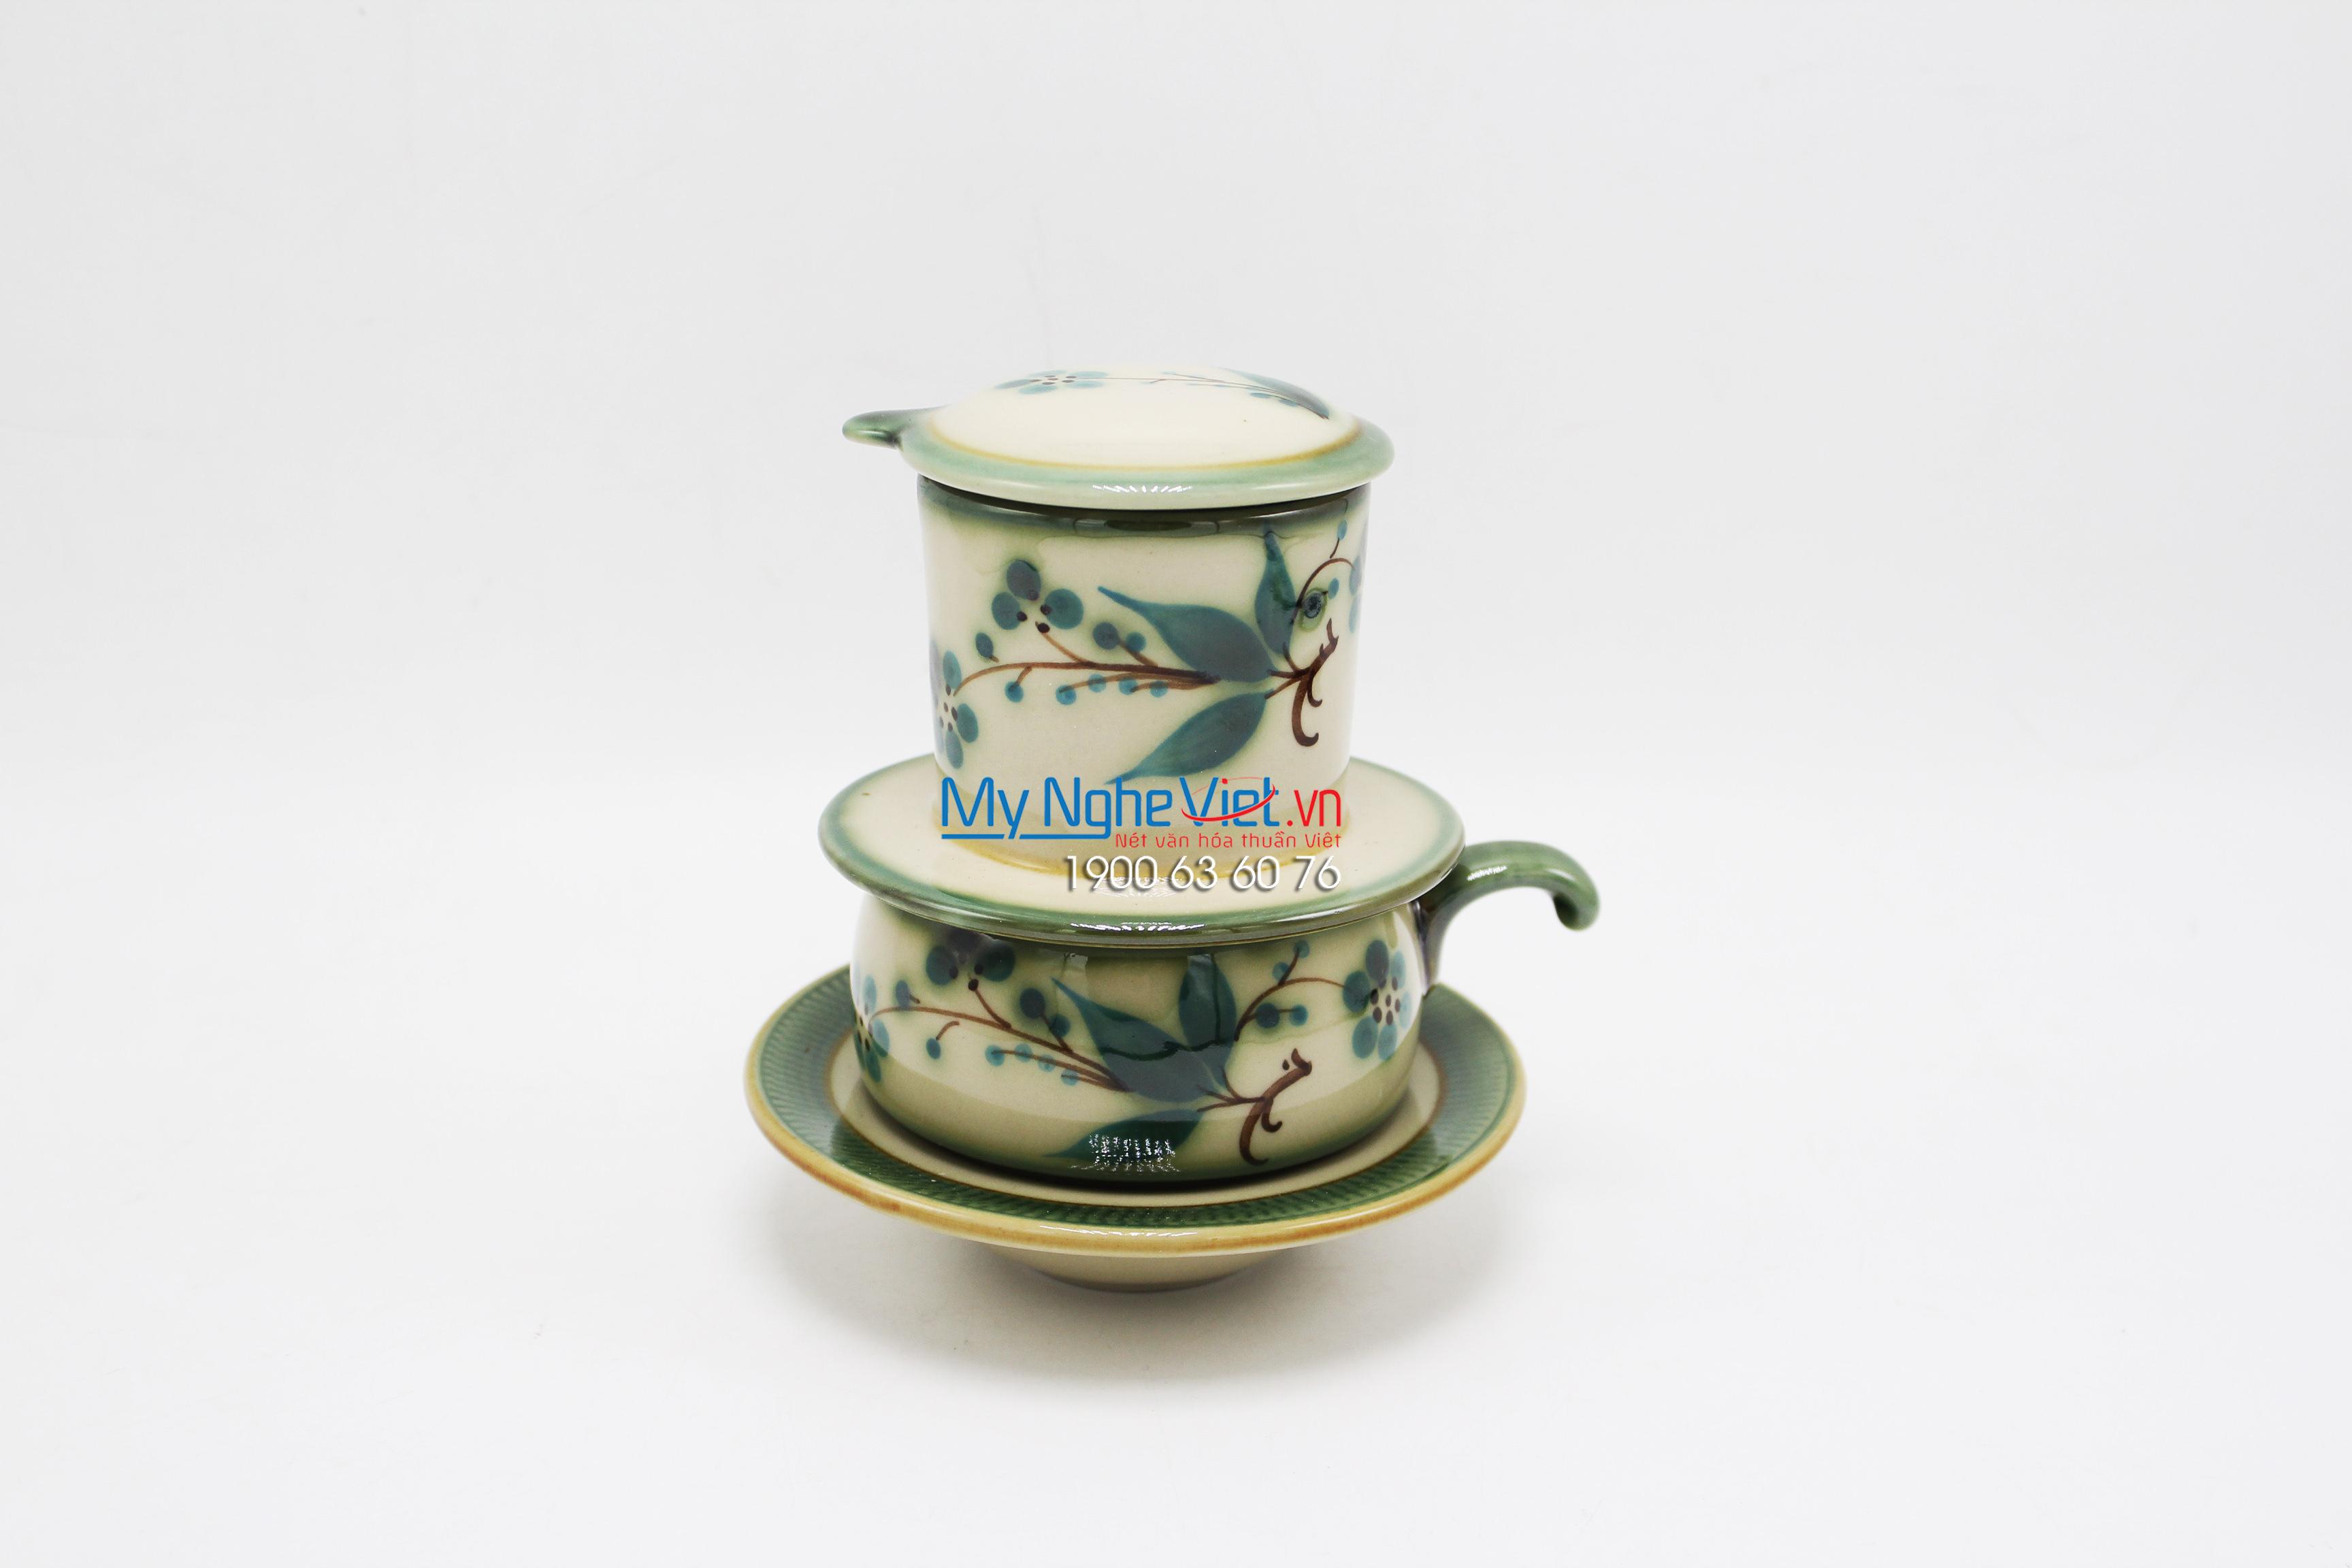 Phin Cafe Gốm Vẽ Đào Xanh Thấp MNV-CFV001-2